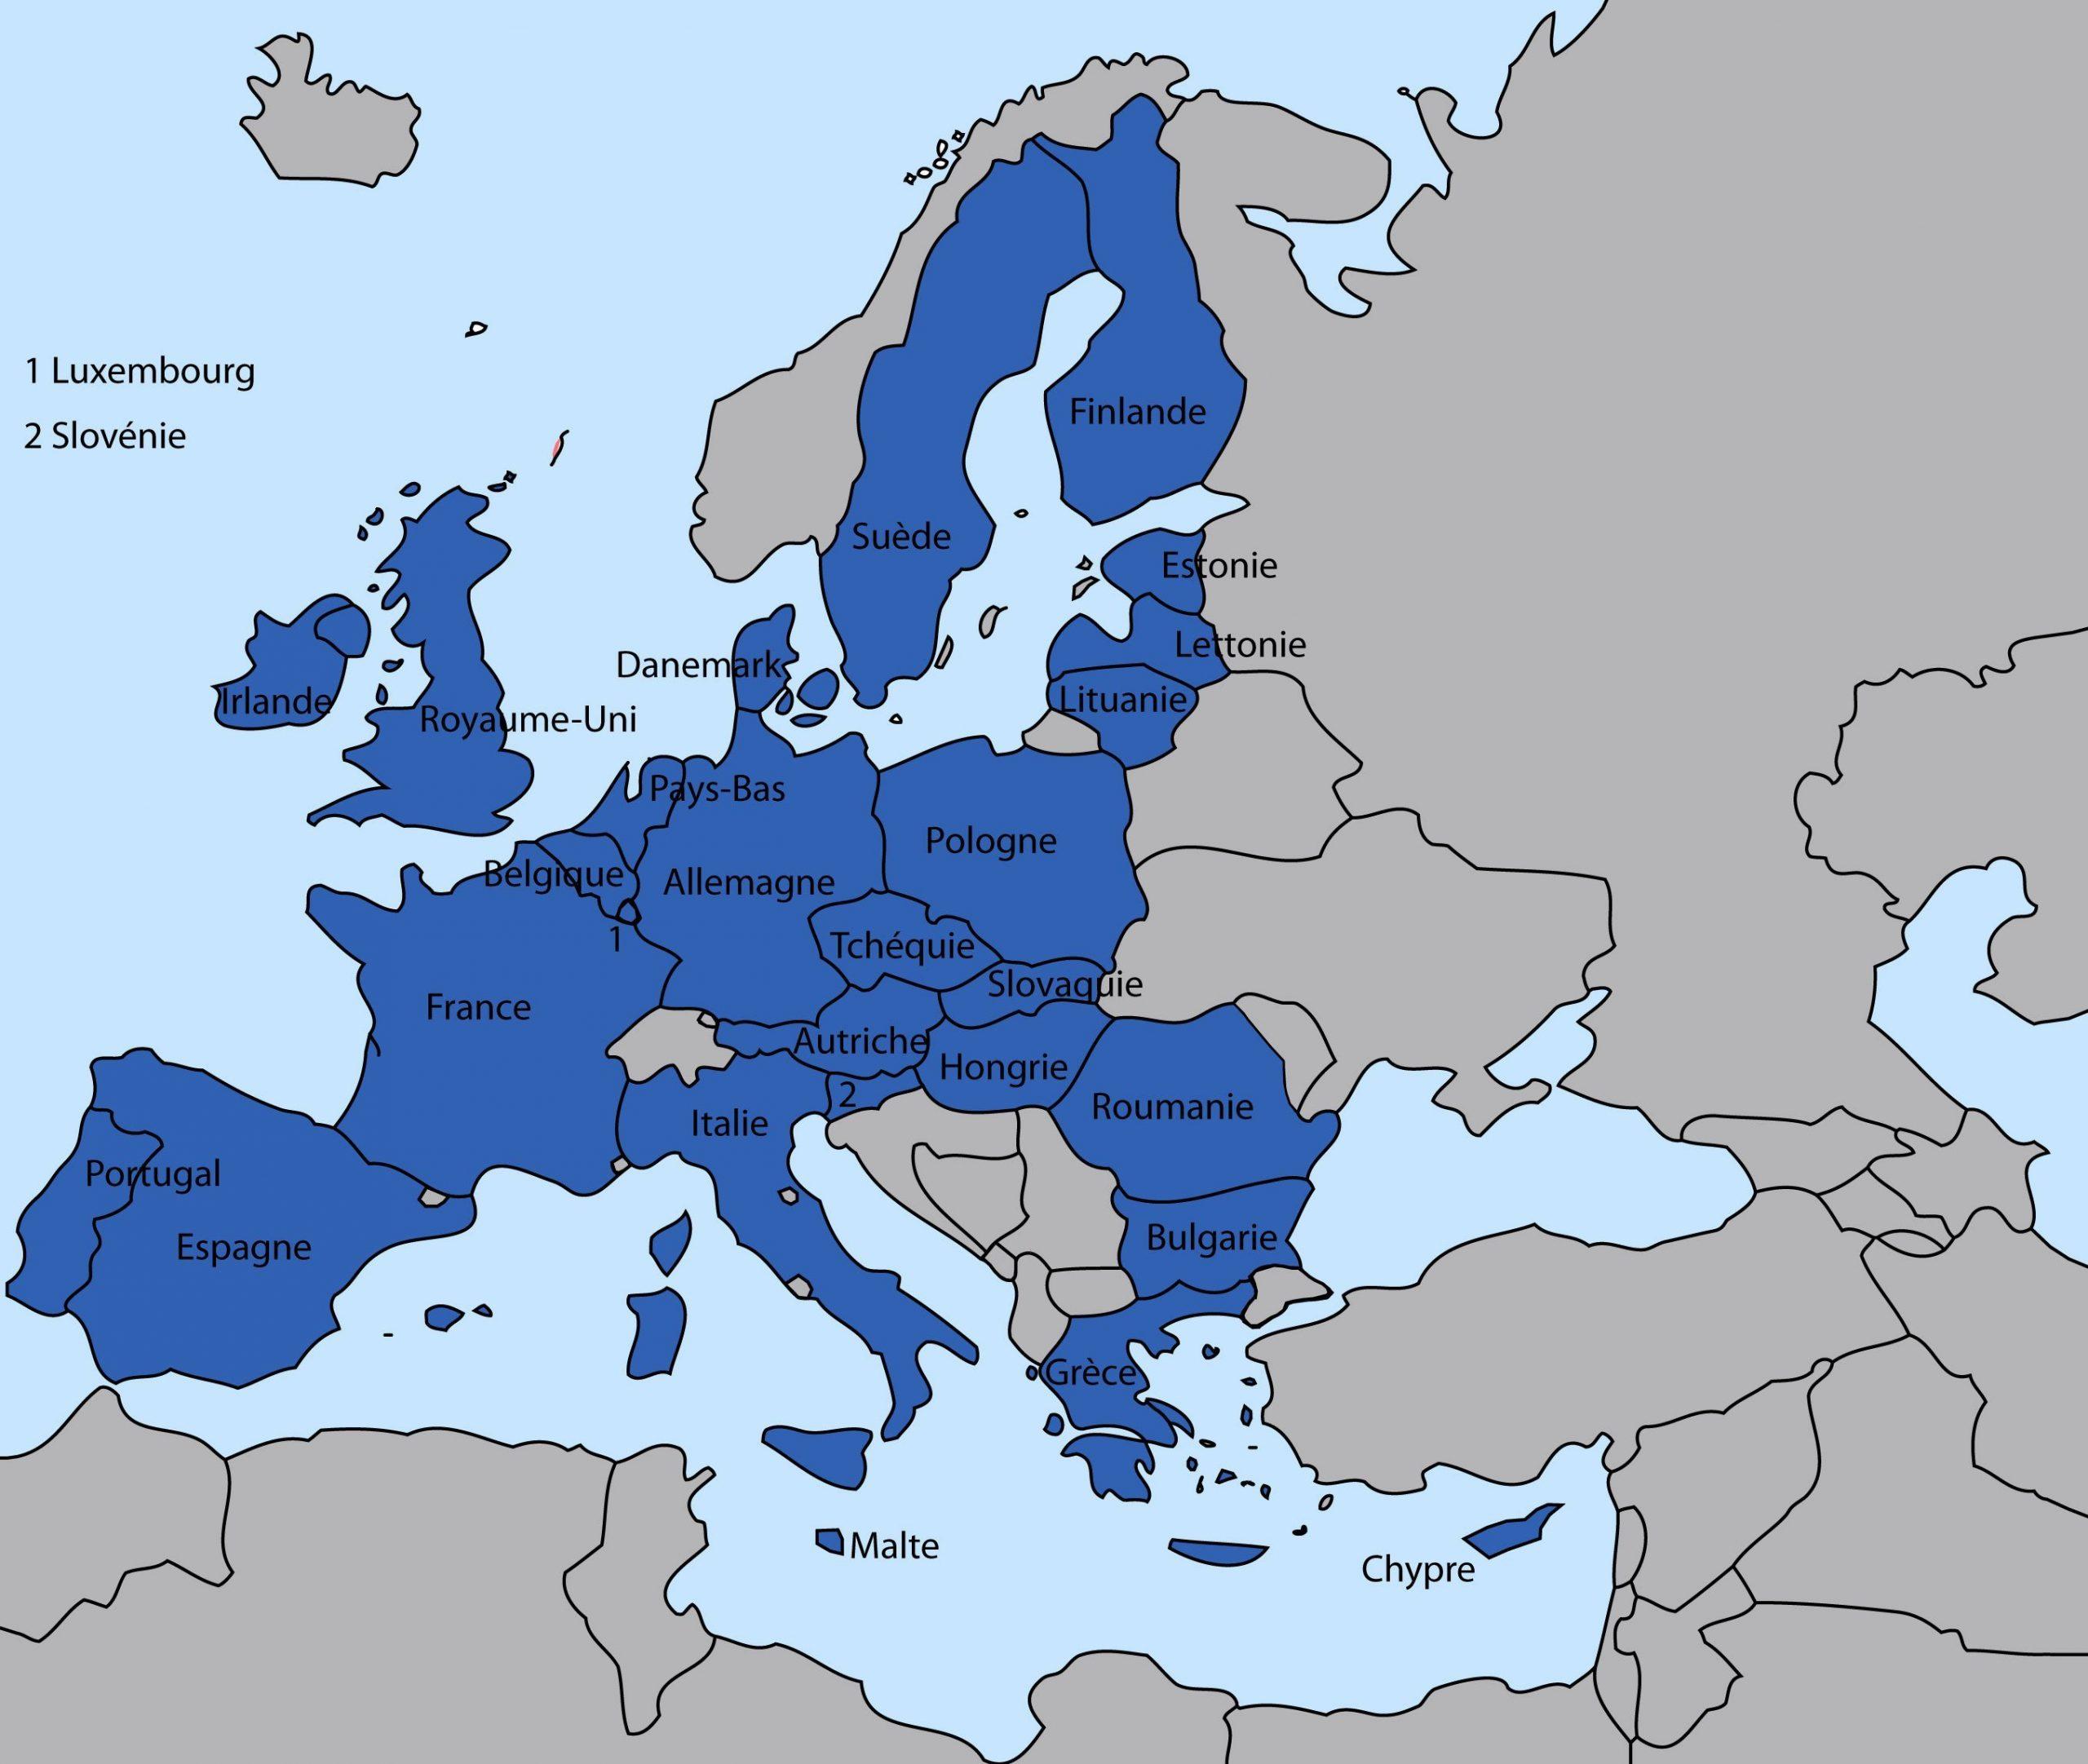 L'europe Expliquée Aux Enfants encequiconcerne Tout Les Pays De L Union Européenne Et Leur Capital